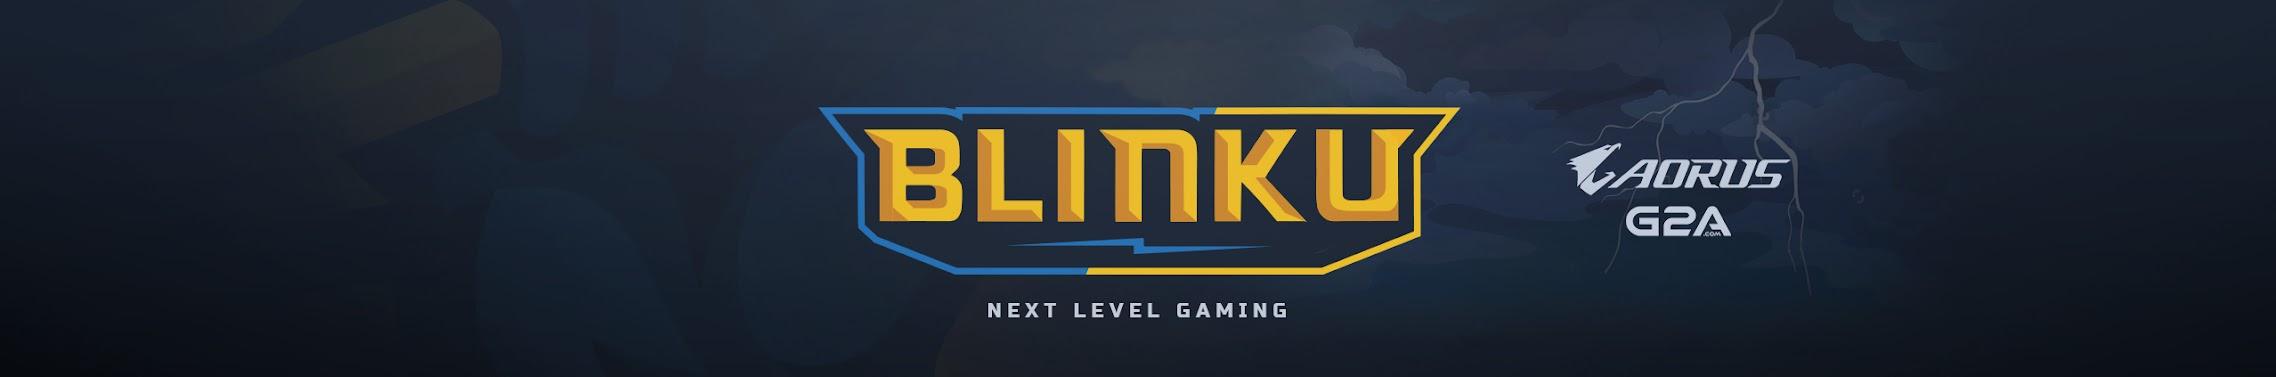 Blinku